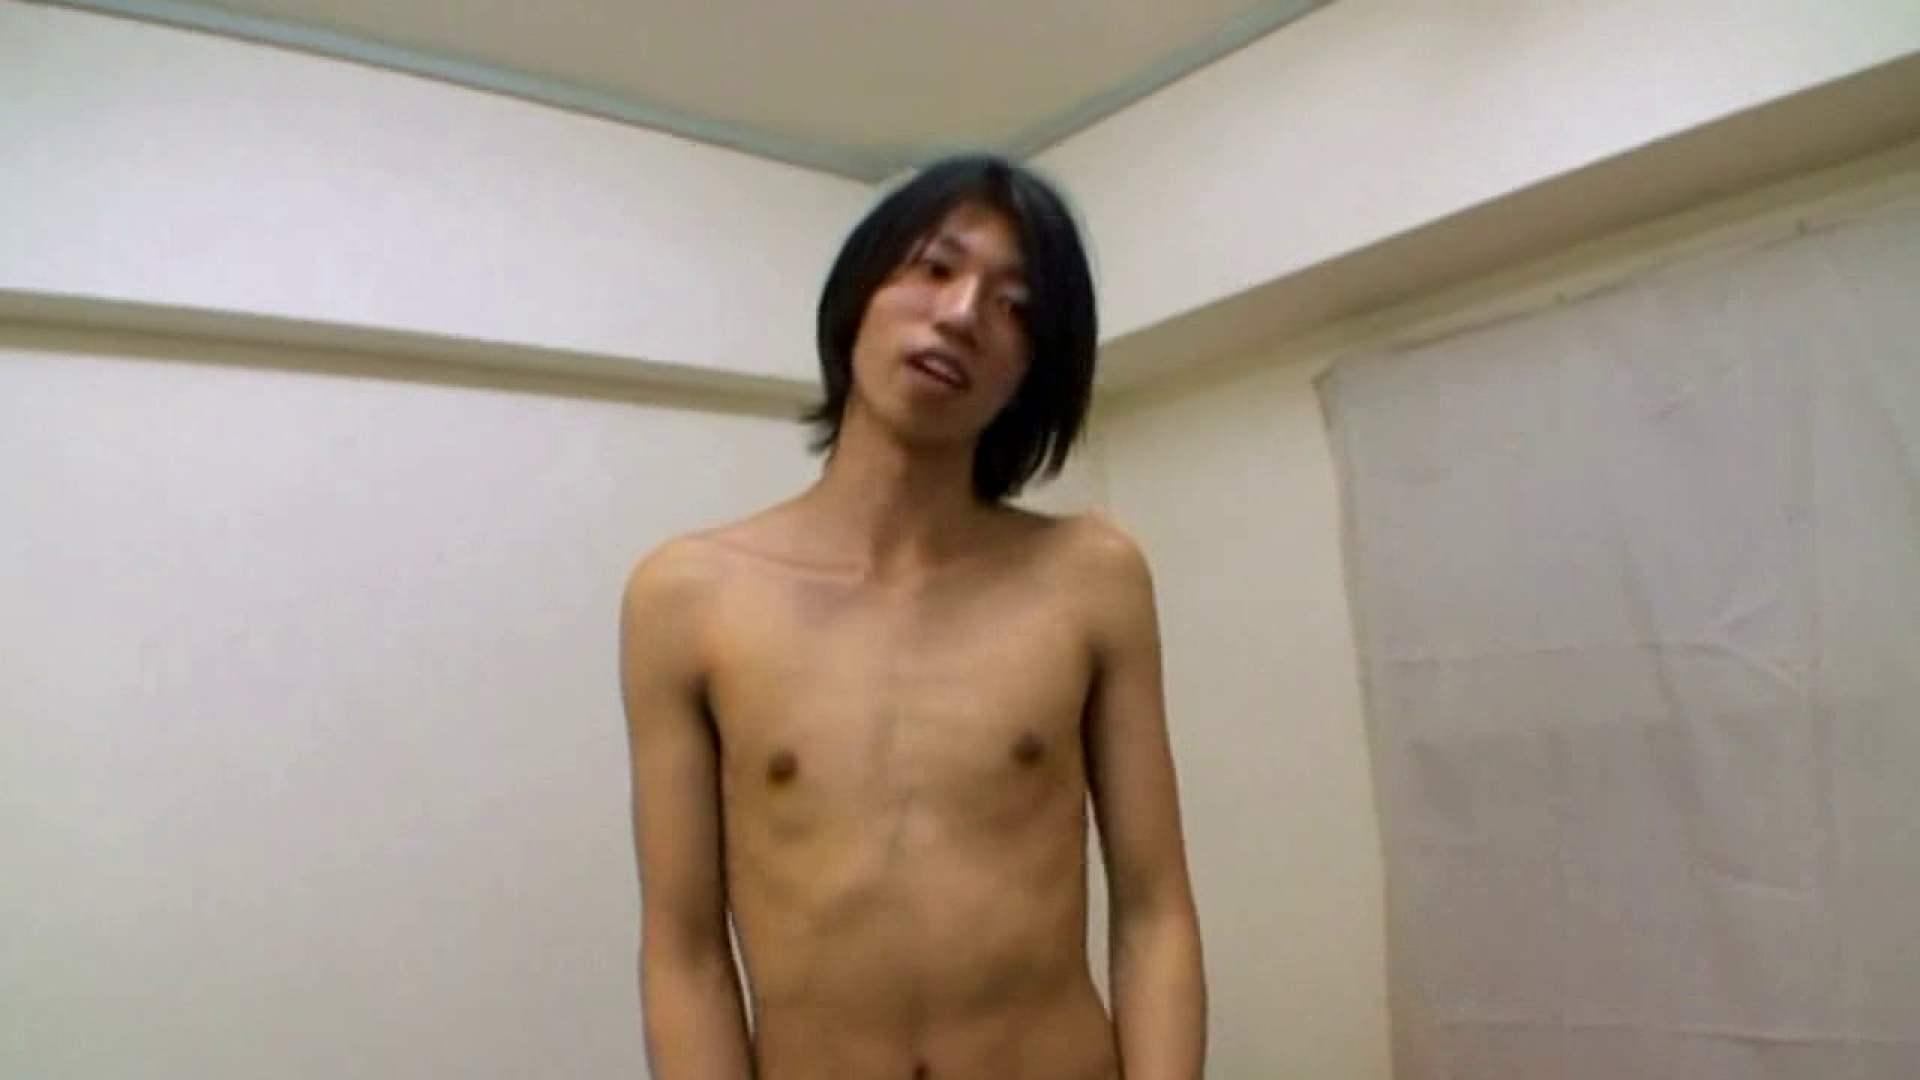 ノンケ!自慰スタジオ No.36 ハメ撮り放出 | 無修正 ゲイエロビデオ画像 101pic 49